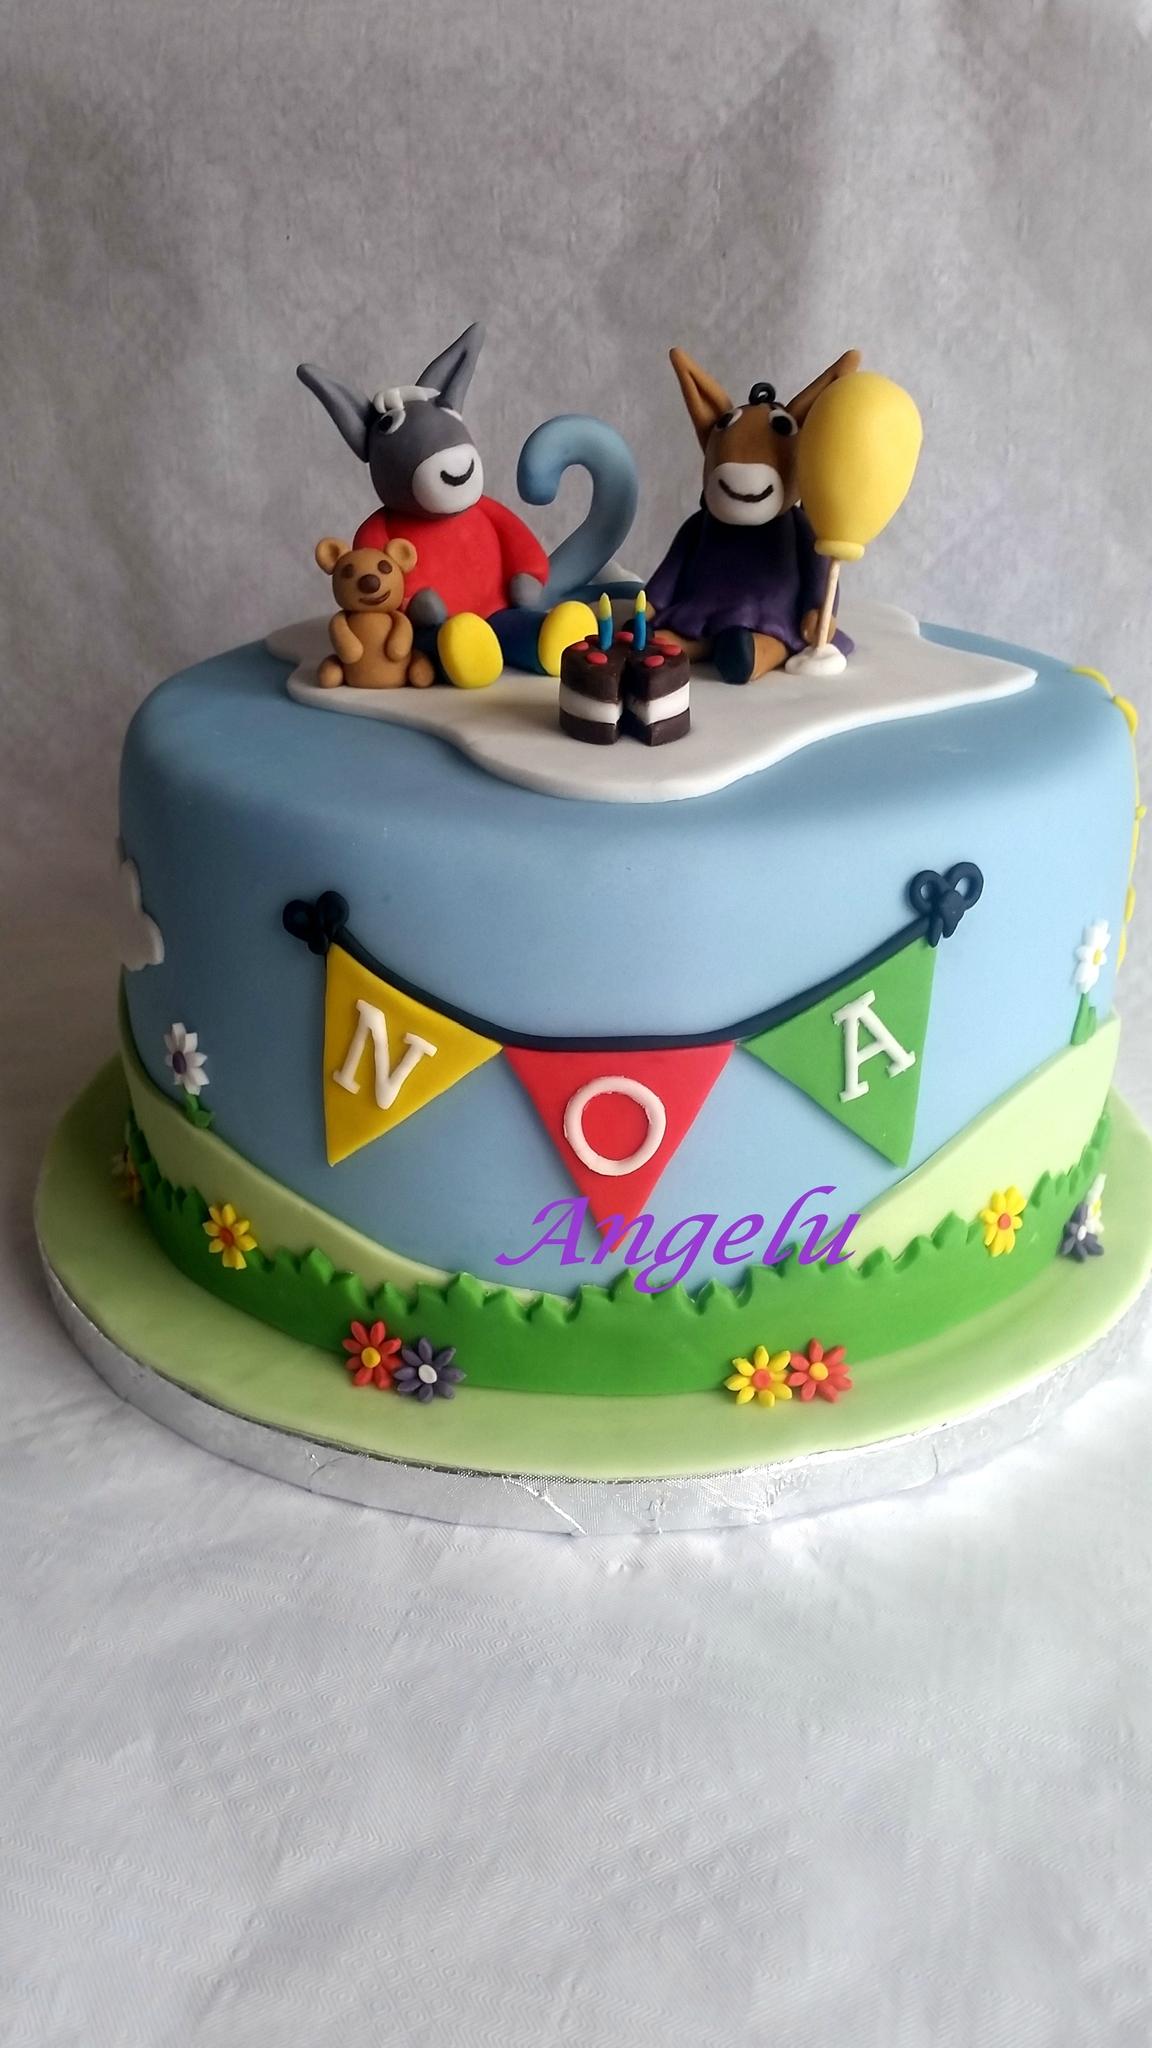 Gâteau Trotro, Nana Et Doudou - Ma Petite Patisserie intérieur Doudou Ane Trotro